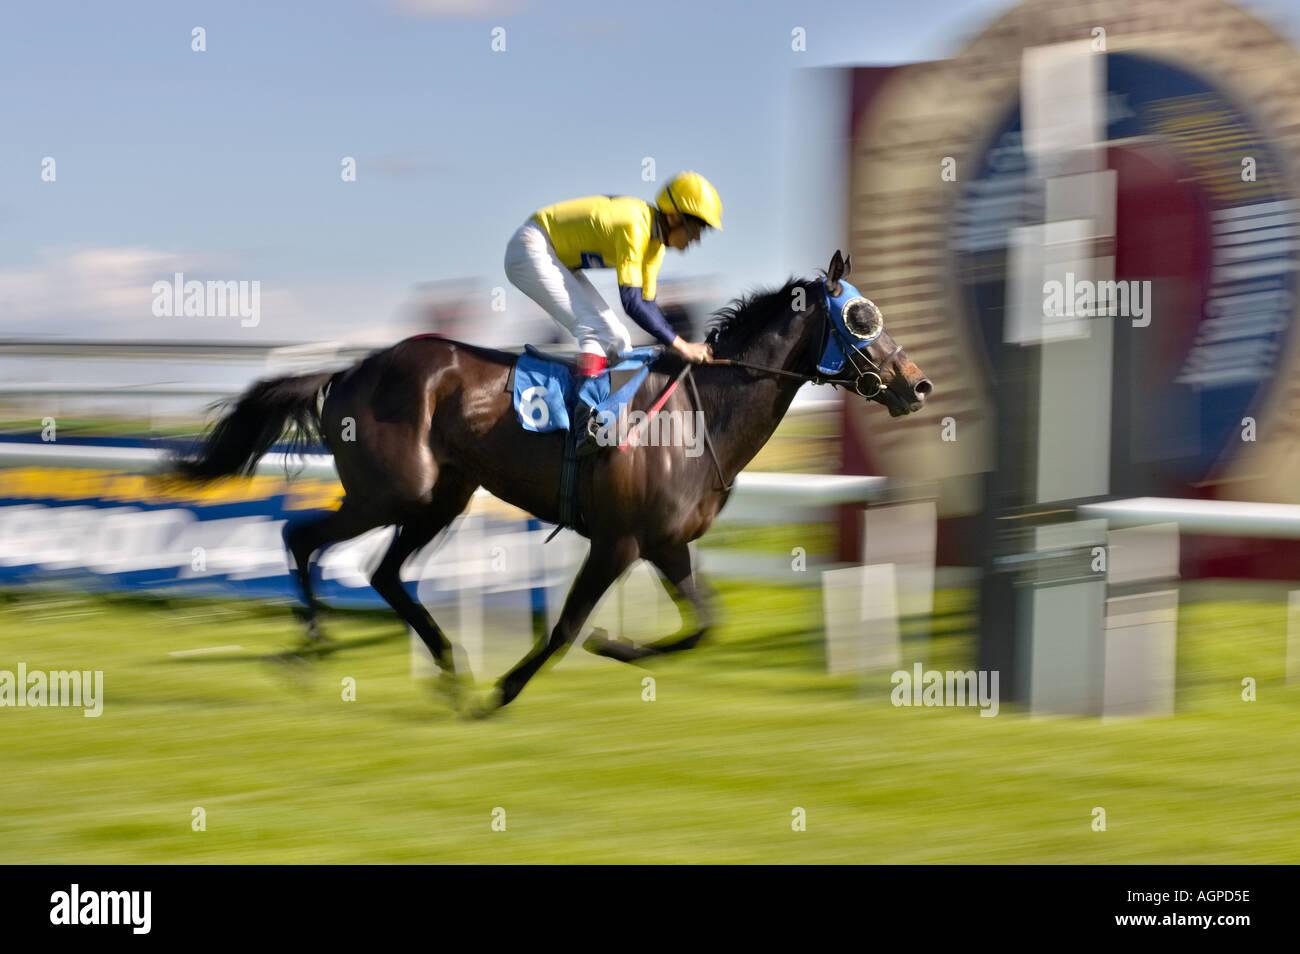 Vincendo una gara - Horse Racing alla finitura / post vincente Immagini Stock